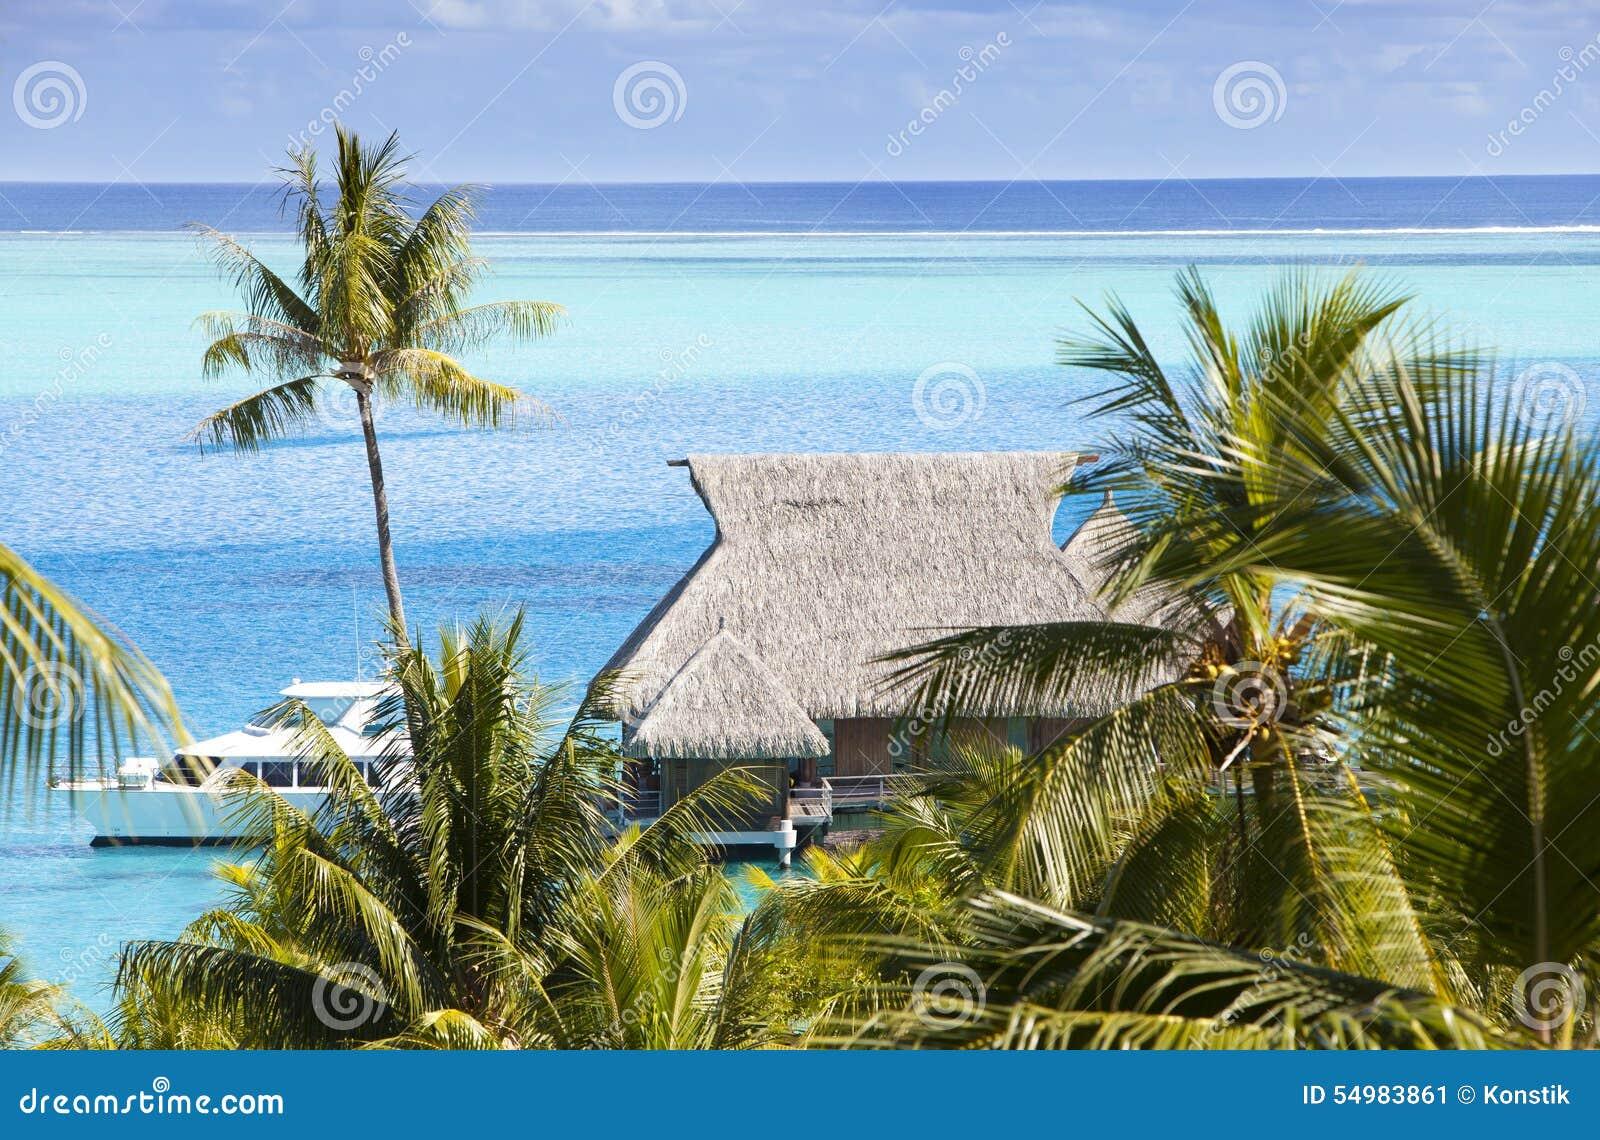 Blå lagun av ön av Bora Bora, Polynesien En sikt från höjd på palmträd, traditionella logar över vatten och havet